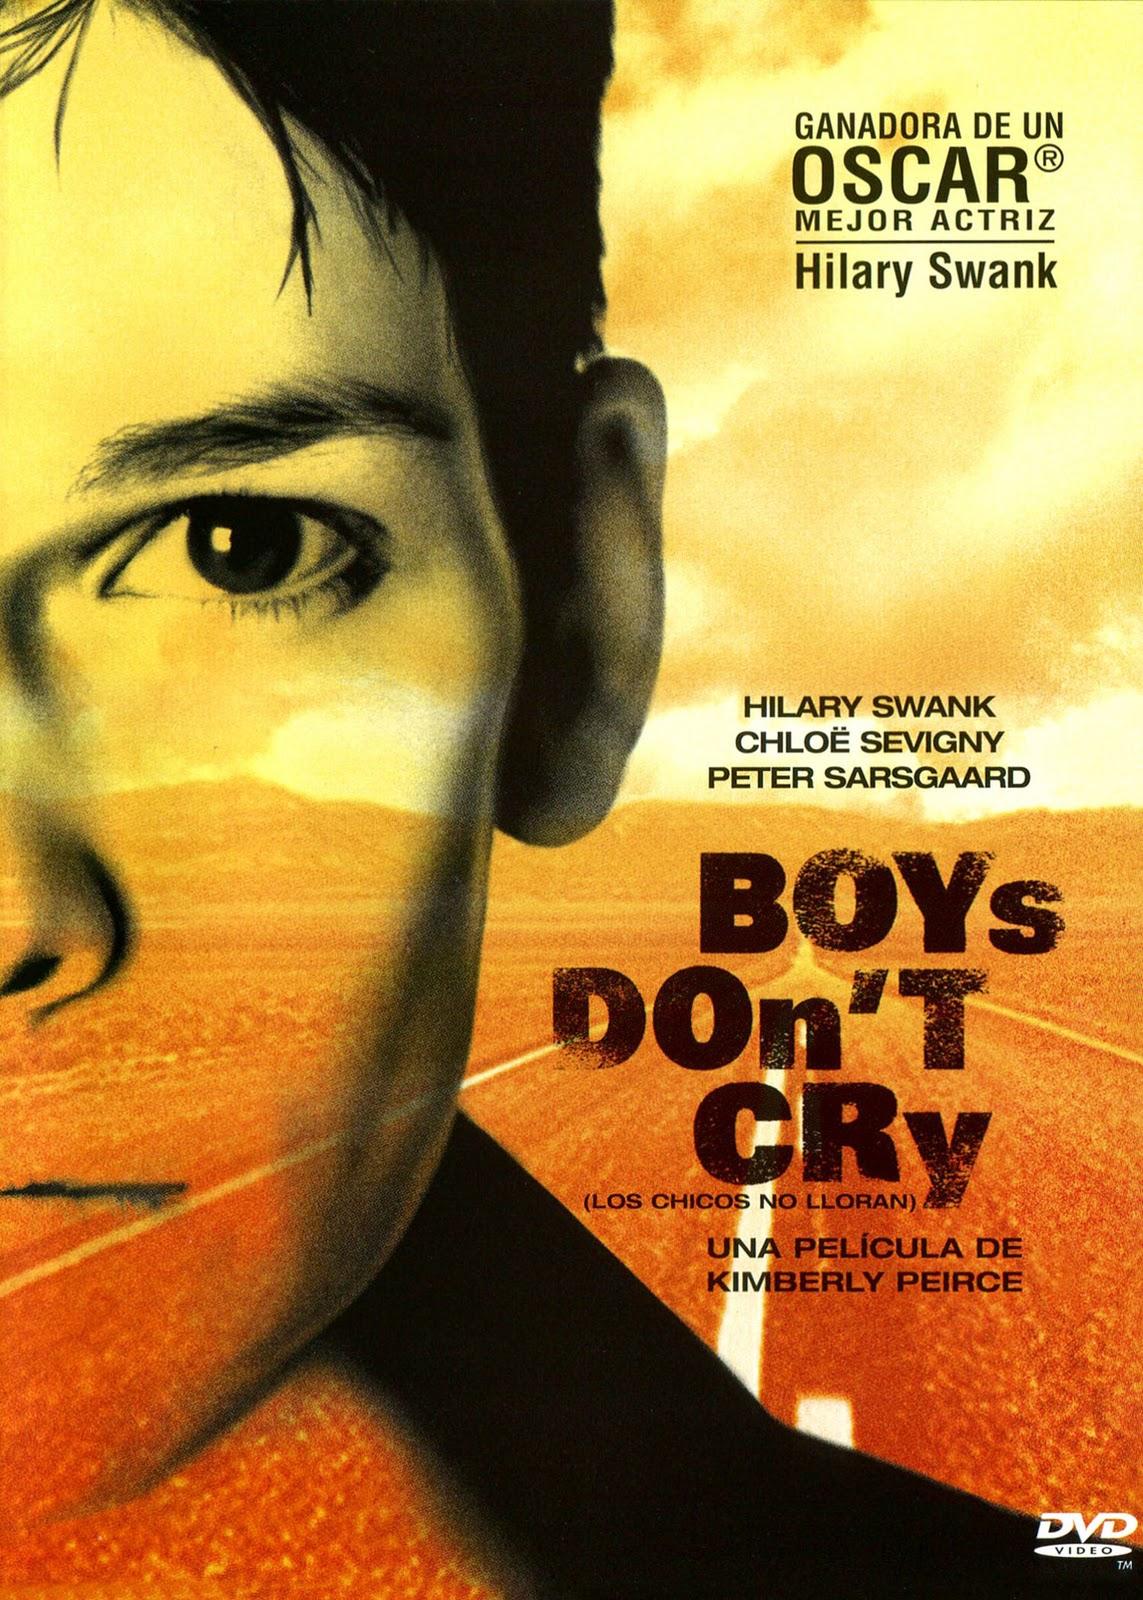 http://1.bp.blogspot.com/-895UY-KZae4/TrxJqR48gfI/AAAAAAAAAP0/wQCyRrUjUFY/s1600/Los+Chicos+No+Lloran+%2528Boys+Don%2527t+Cry%2529.jpg